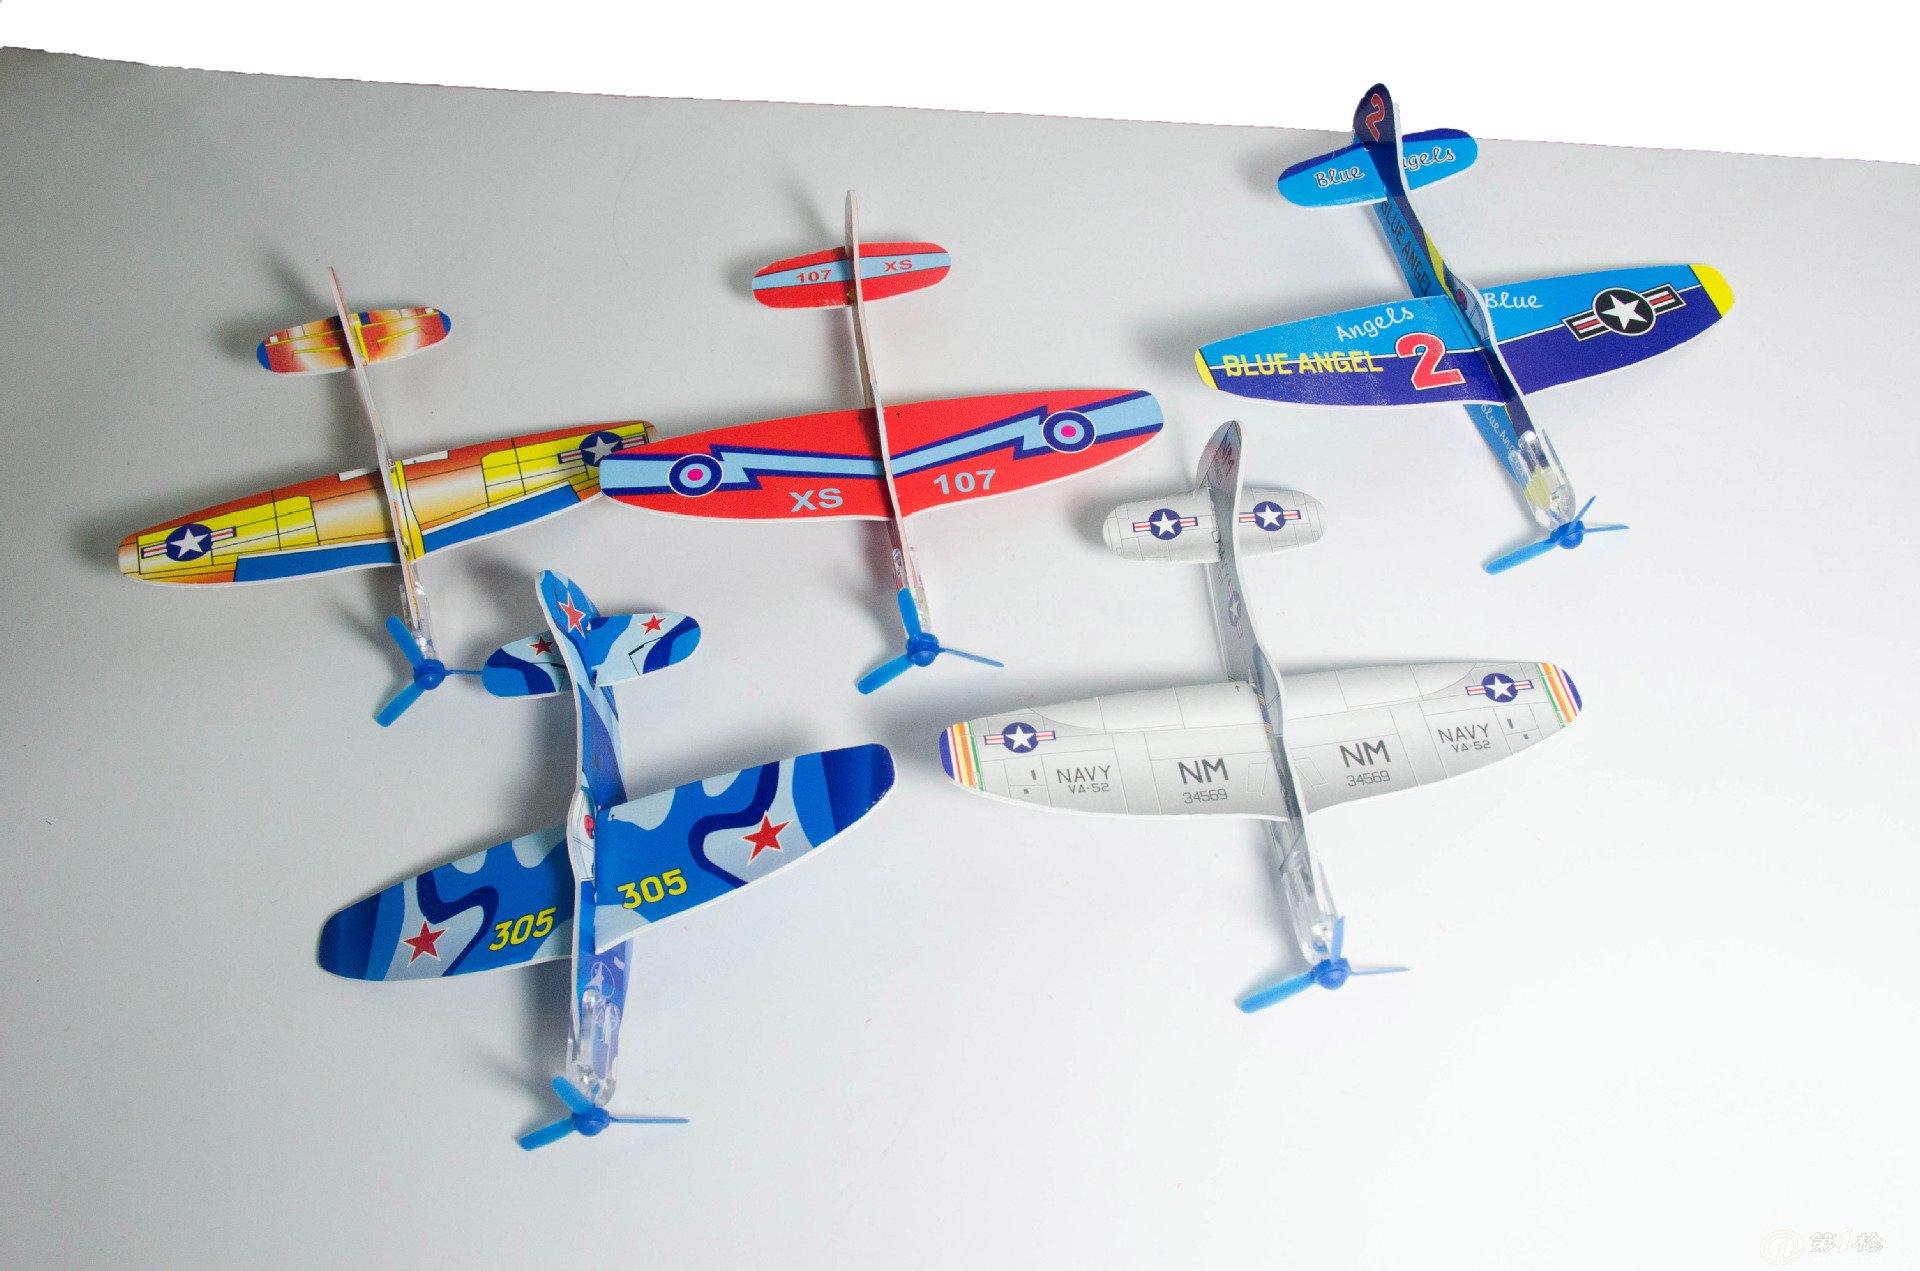 纸飞机 泡沫飞机 神奇飞机 儿童玩具 新奇玩具 cl-609d